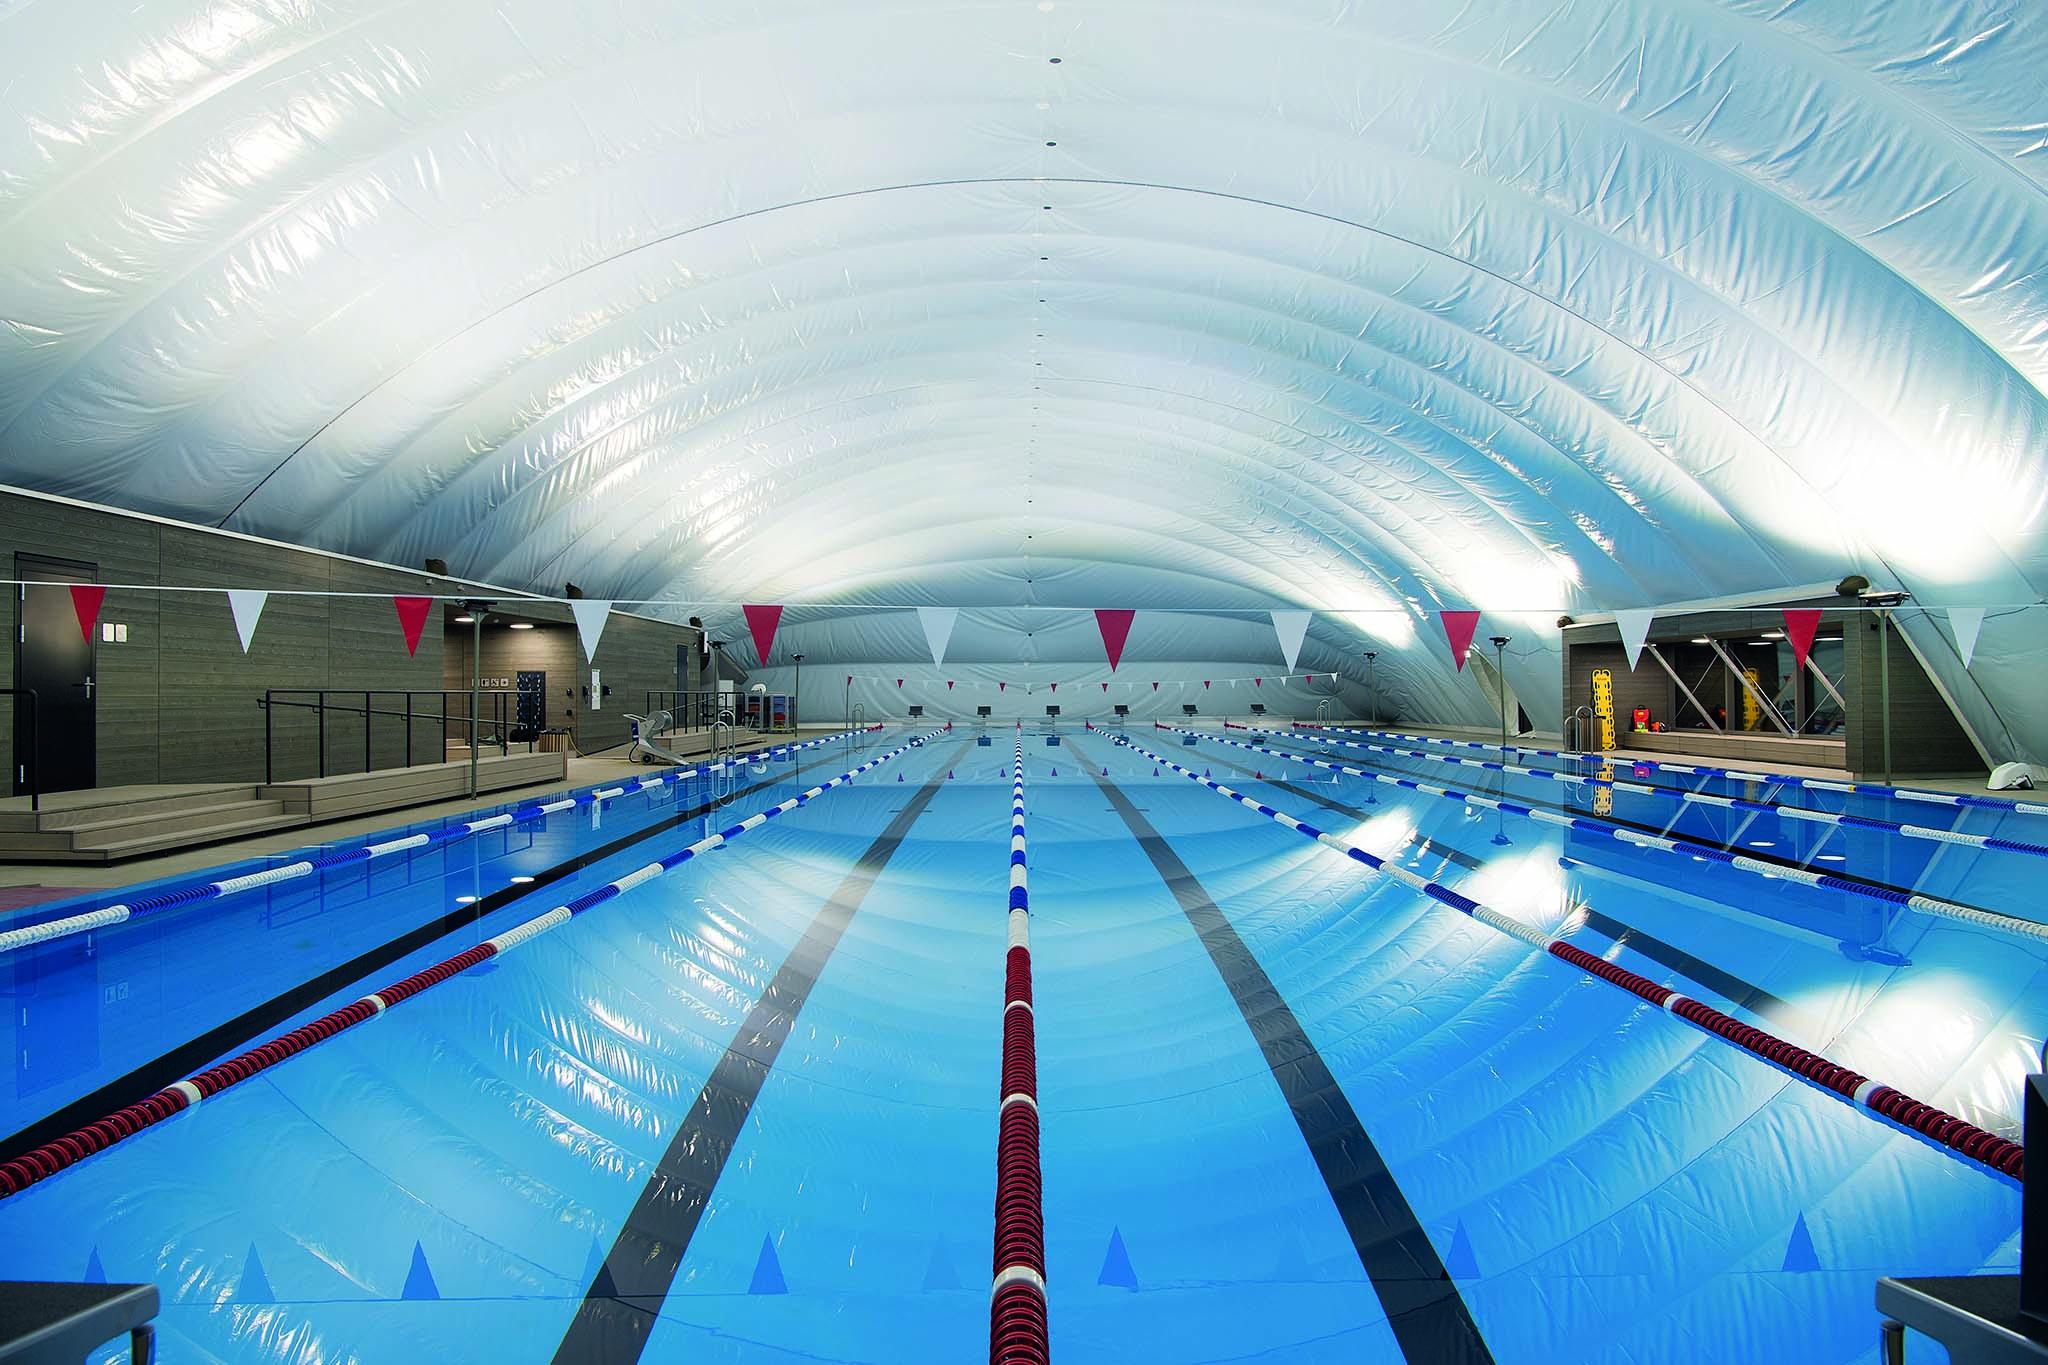 Ansicht der Membranhalle des Schwimmbads Eglisee Basel